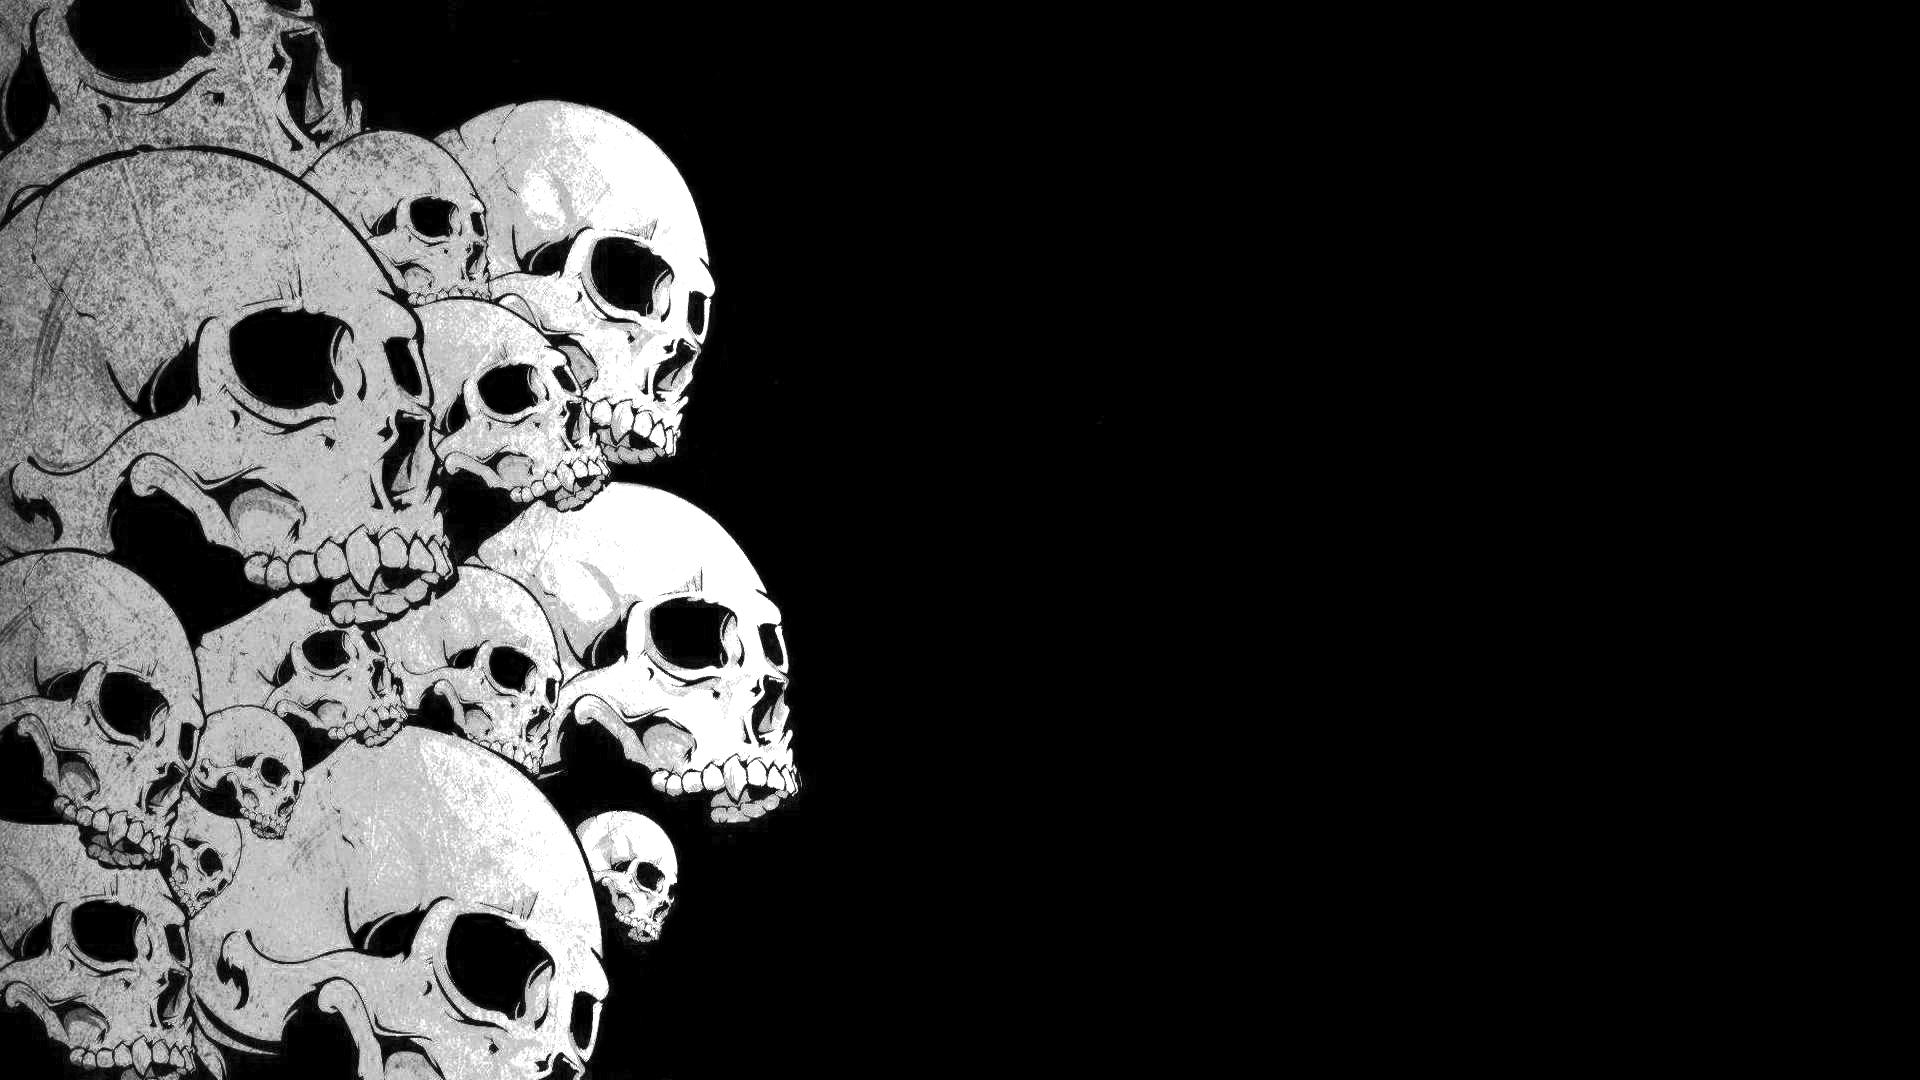 Free Skull Backgrounds